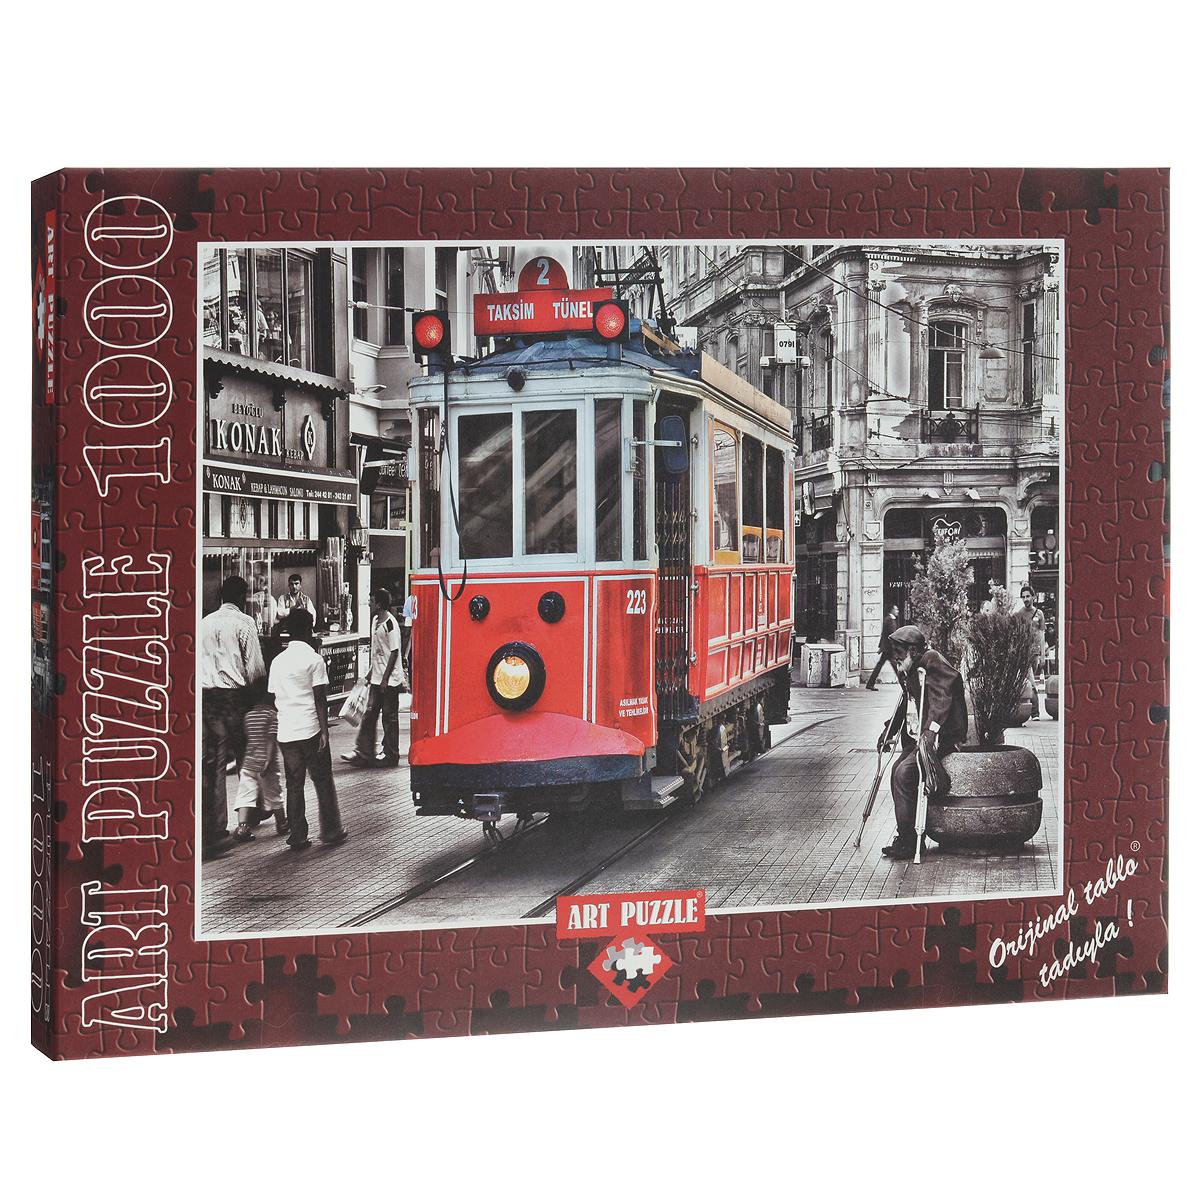 Трамвай, Стамбул. Пазл, 1000 элементов4336Пазл Art Puzzle Трамвай, Стамбул понравится всем членам вашей семьи. Собрав этот пазл, включающий в себя 1000 элементов, вы получите замечательную картину с изображением турецкого трамвая. Пазл изготовлен из картона высочайшего качества. Каждая деталь имеет свою форму и подходит только на свое место. Изображение аккуратно отсканировано и напечатано на ламинированной бумаге. Пазл - великолепная игра для семейного досуга. Сегодня собирание пазлов стало особенно популярным, главным образом, благодаря своей многообразной тематике, способной удовлетворить самый взыскательный вкус. А для детей это не только интересно, но и полезно. Собирание пазла развивает мелкую моторику у ребенка, тренирует наблюдательность, логическое мышление, знакомит с окружающим миром, с цветом и разнообразными формами.